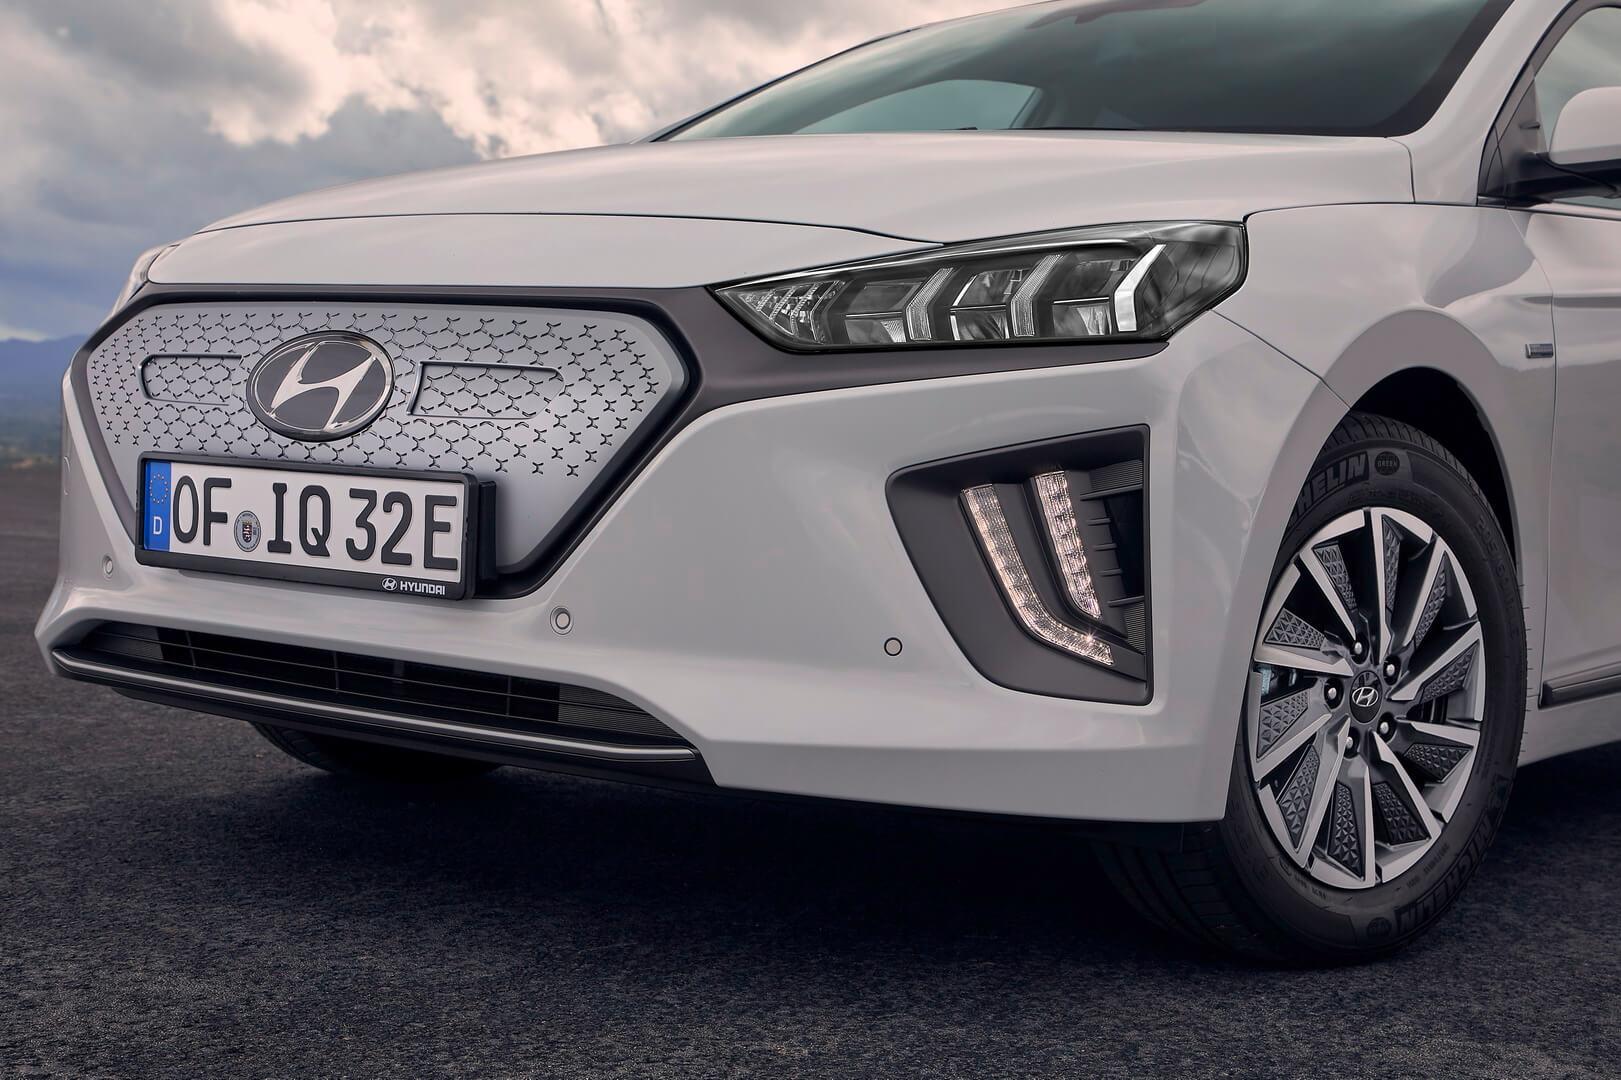 Обновленный дизайн радиаторной решетки Hyundai IONIQ Electric 2019